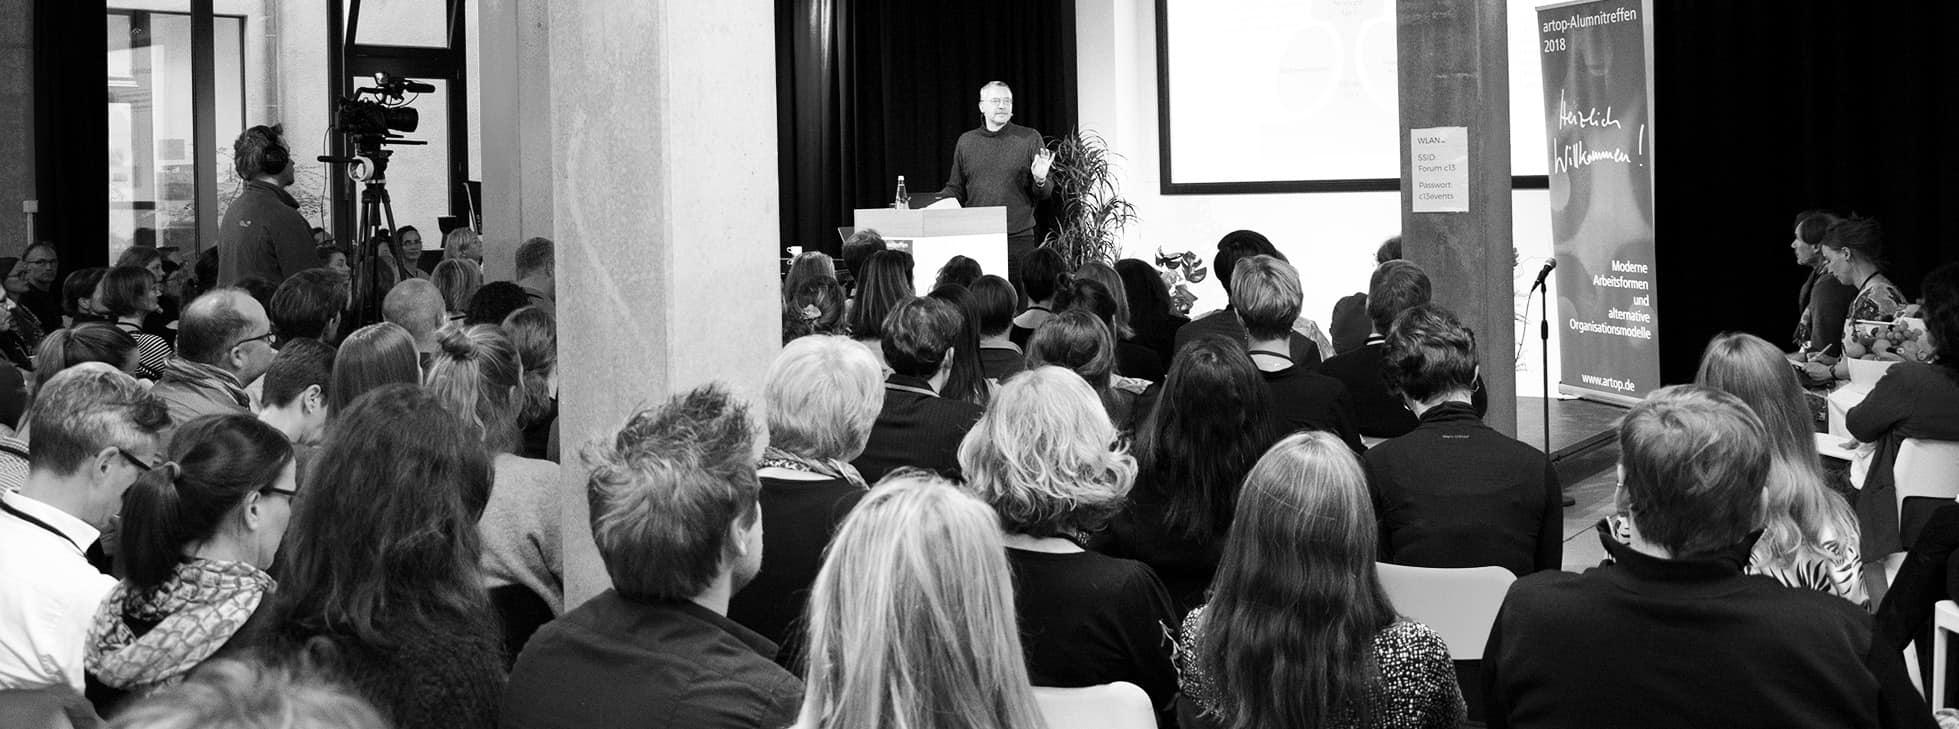 artop-Alumnitreffen 2018